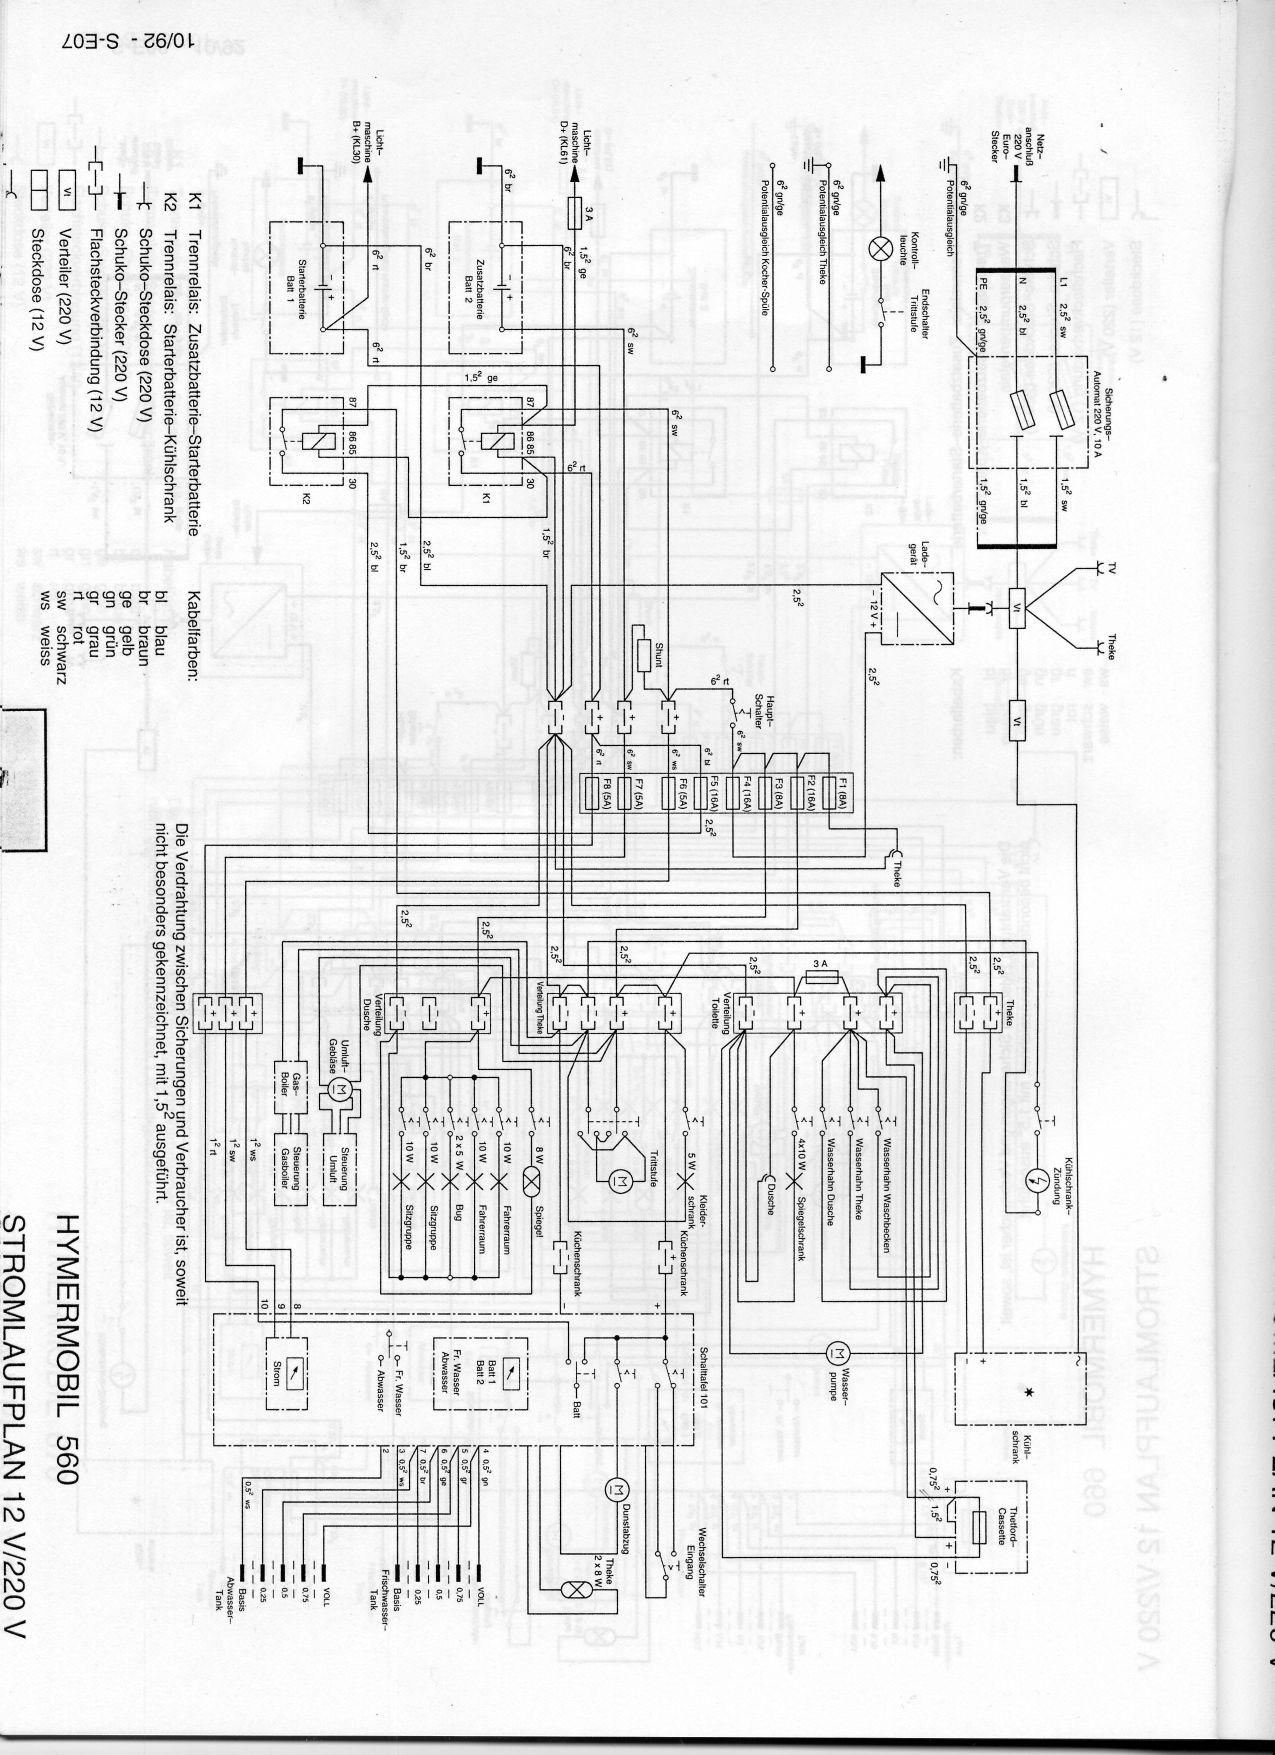 Tolle Evinrude Außenbord Schaltplan Galerie - Elektrische Schaltplan ...